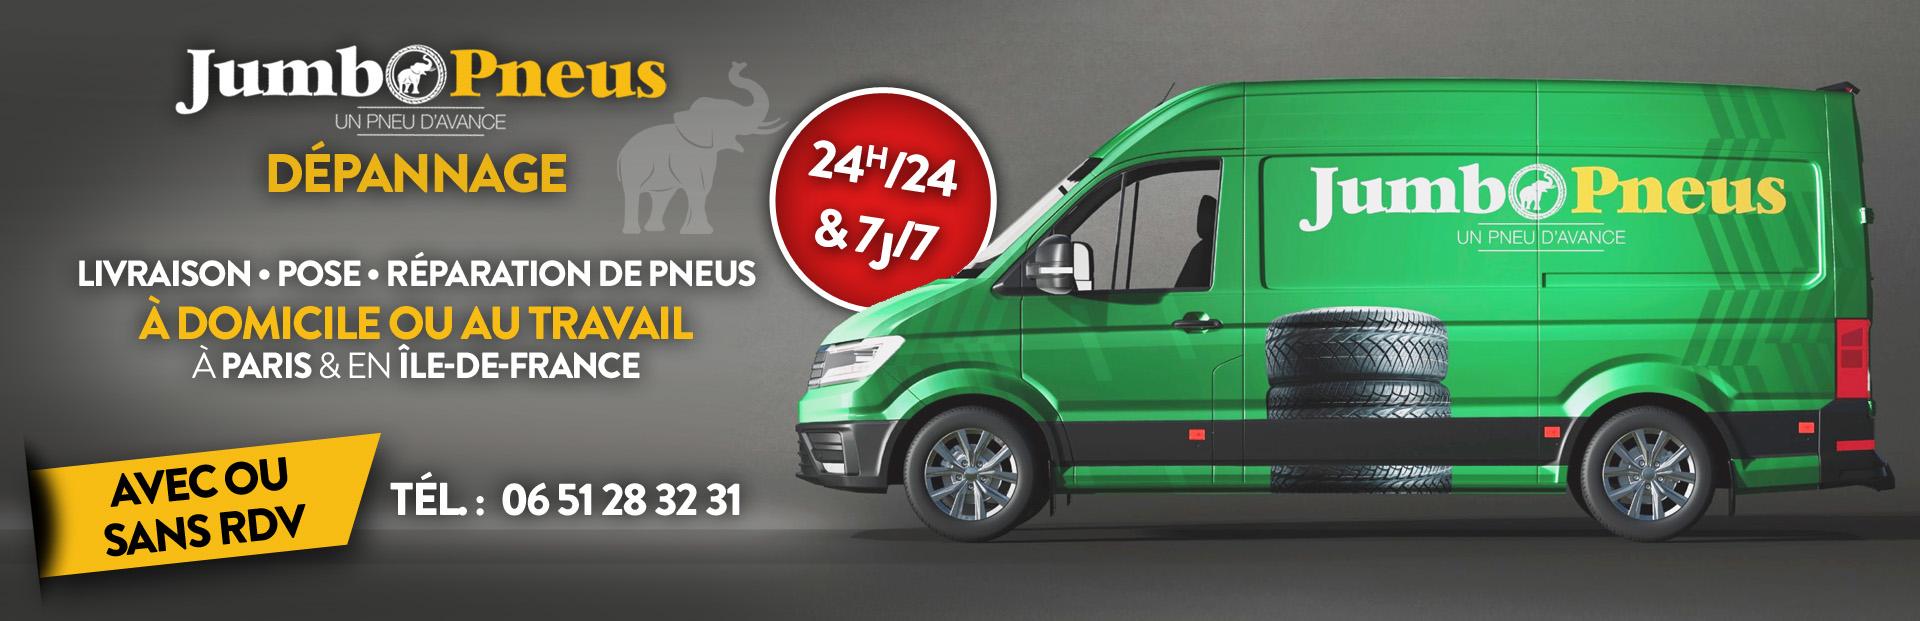 Jumbo Pneus Atelier Mobile - Dépannage Pneus Paris Ile de France 24h/24 et 7j/7